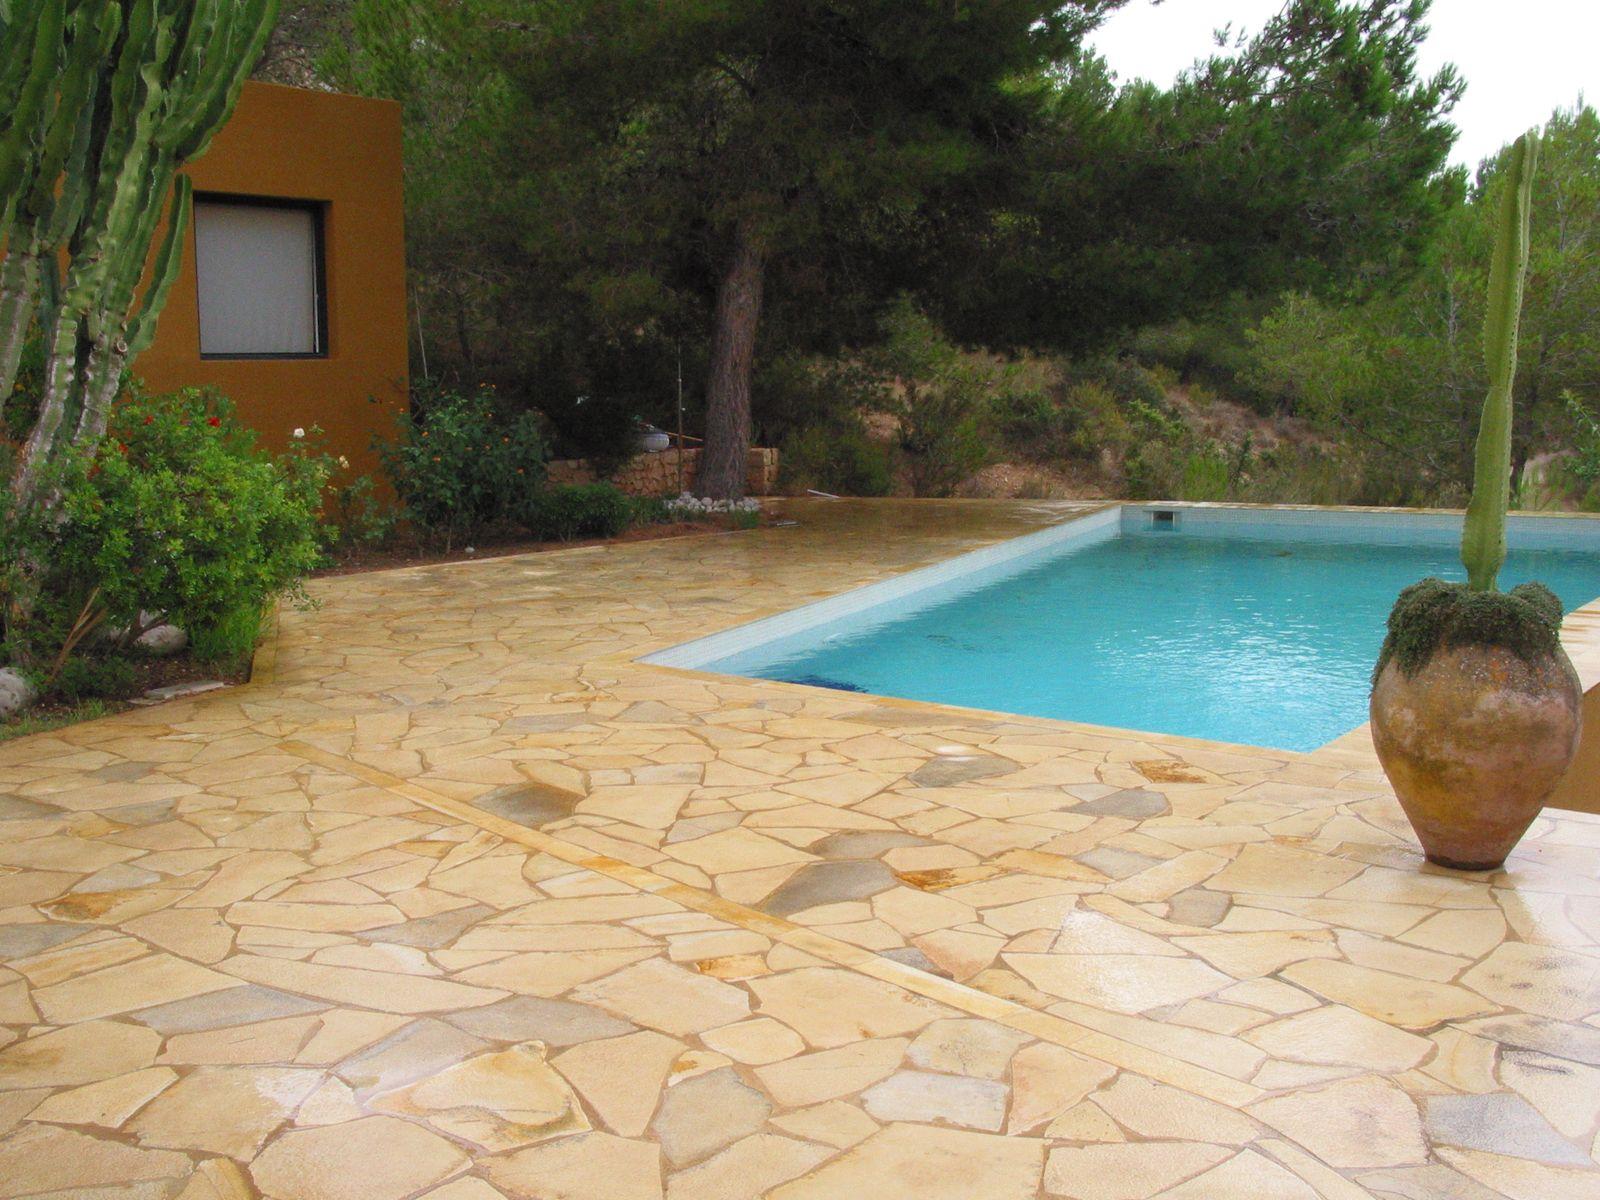 Piedra caliza solnhofen f sil para pavimento - Suelos piscinas exteriores ...